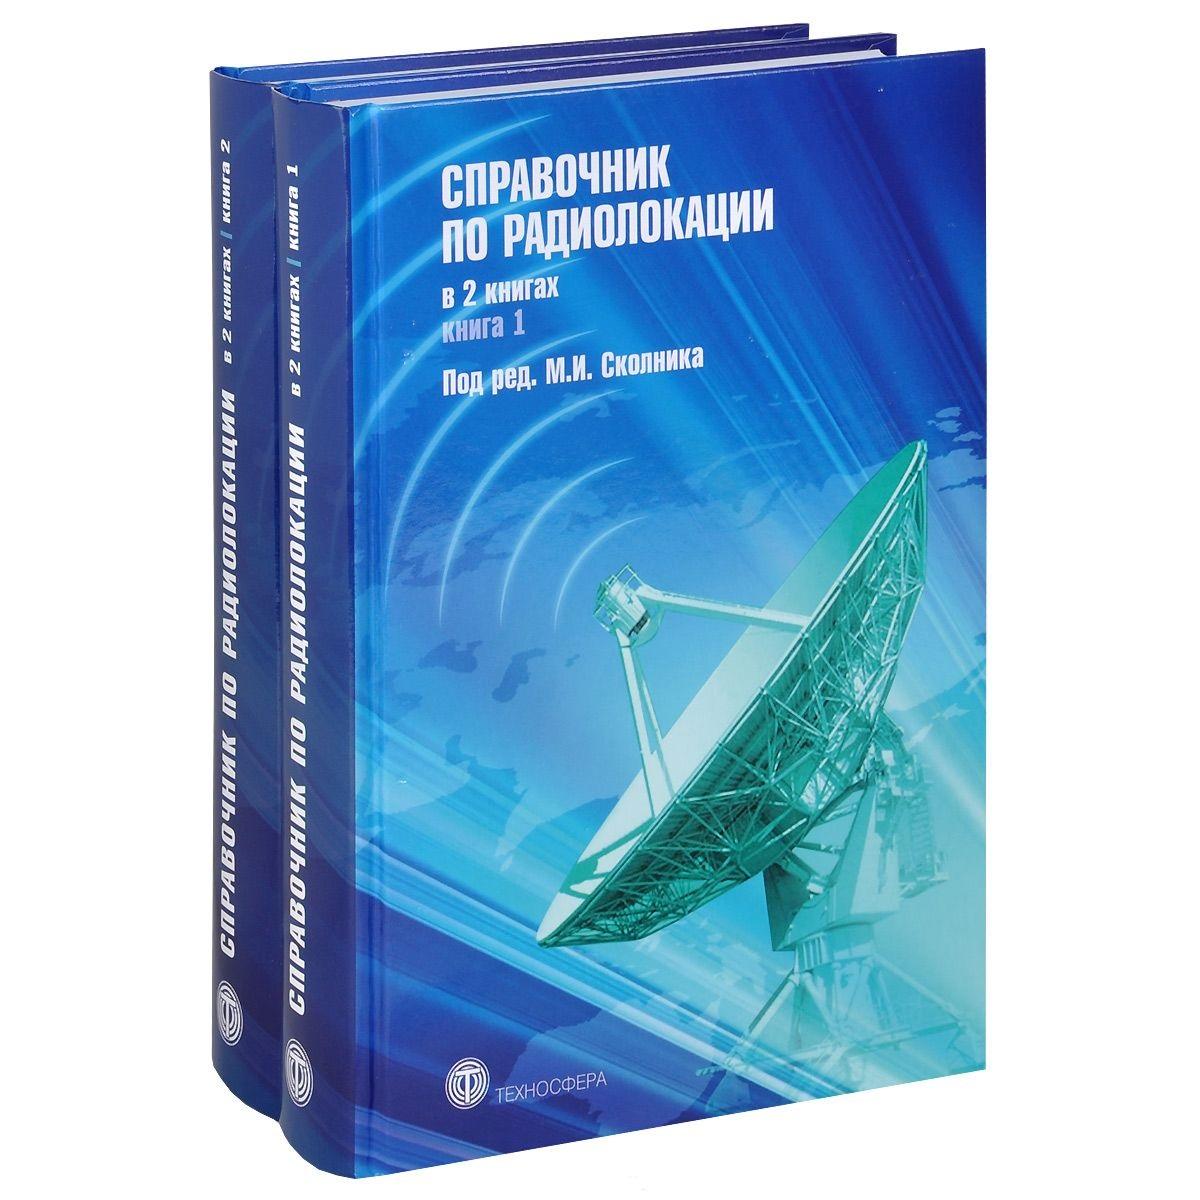 Справочник по радиолокации (комплект из 2 книг)